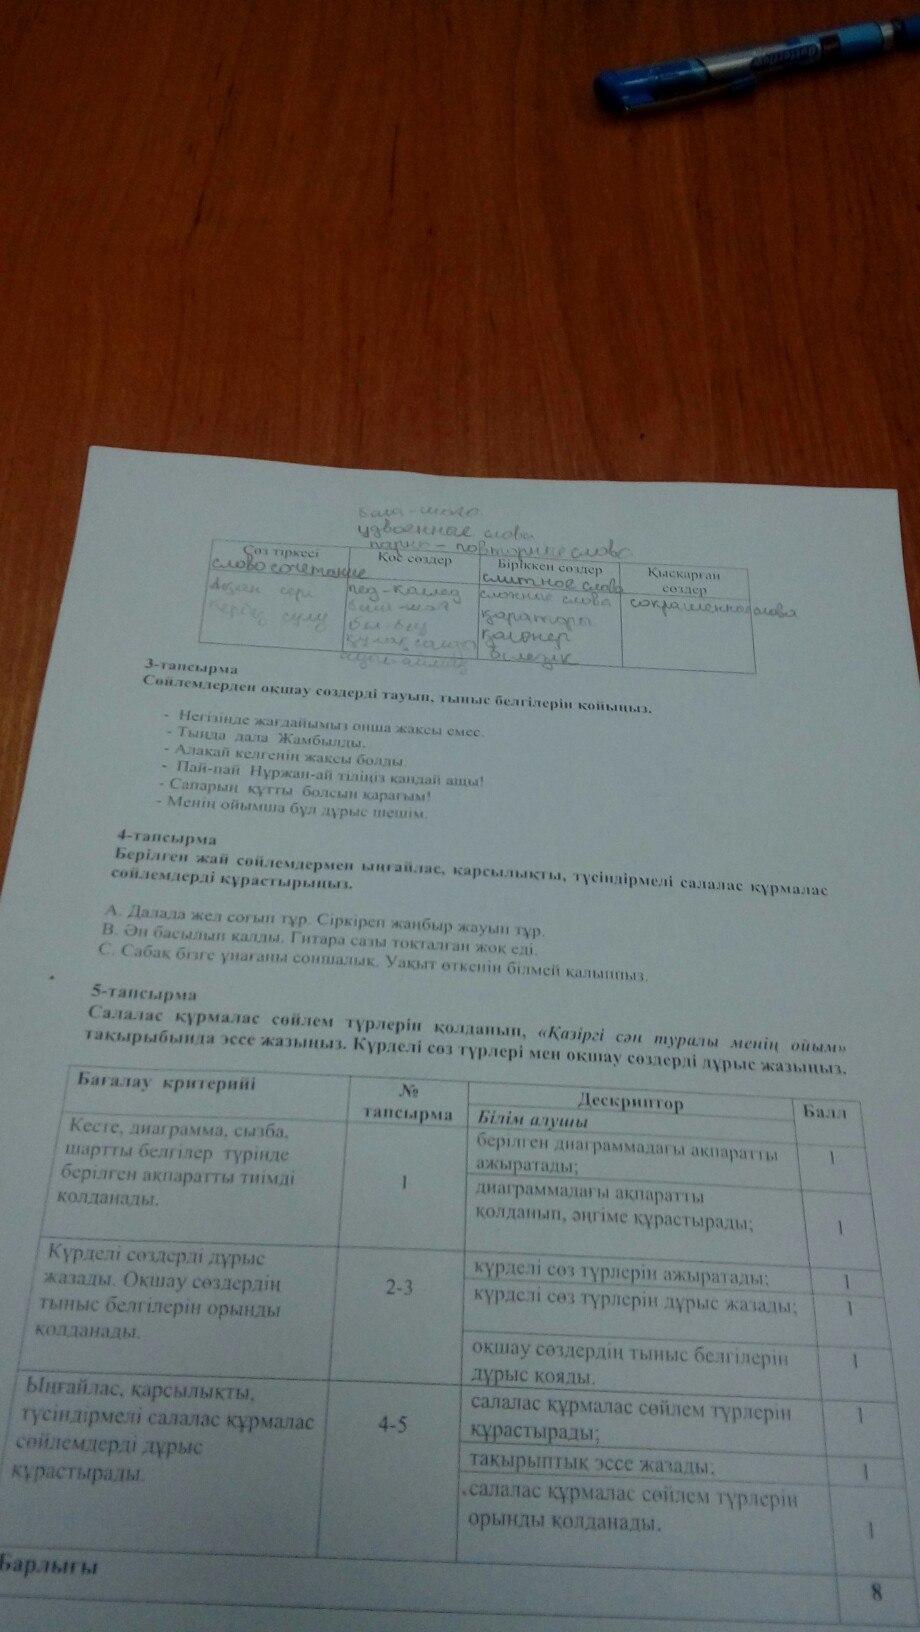 Гдз по казахскому языку за 7 класс